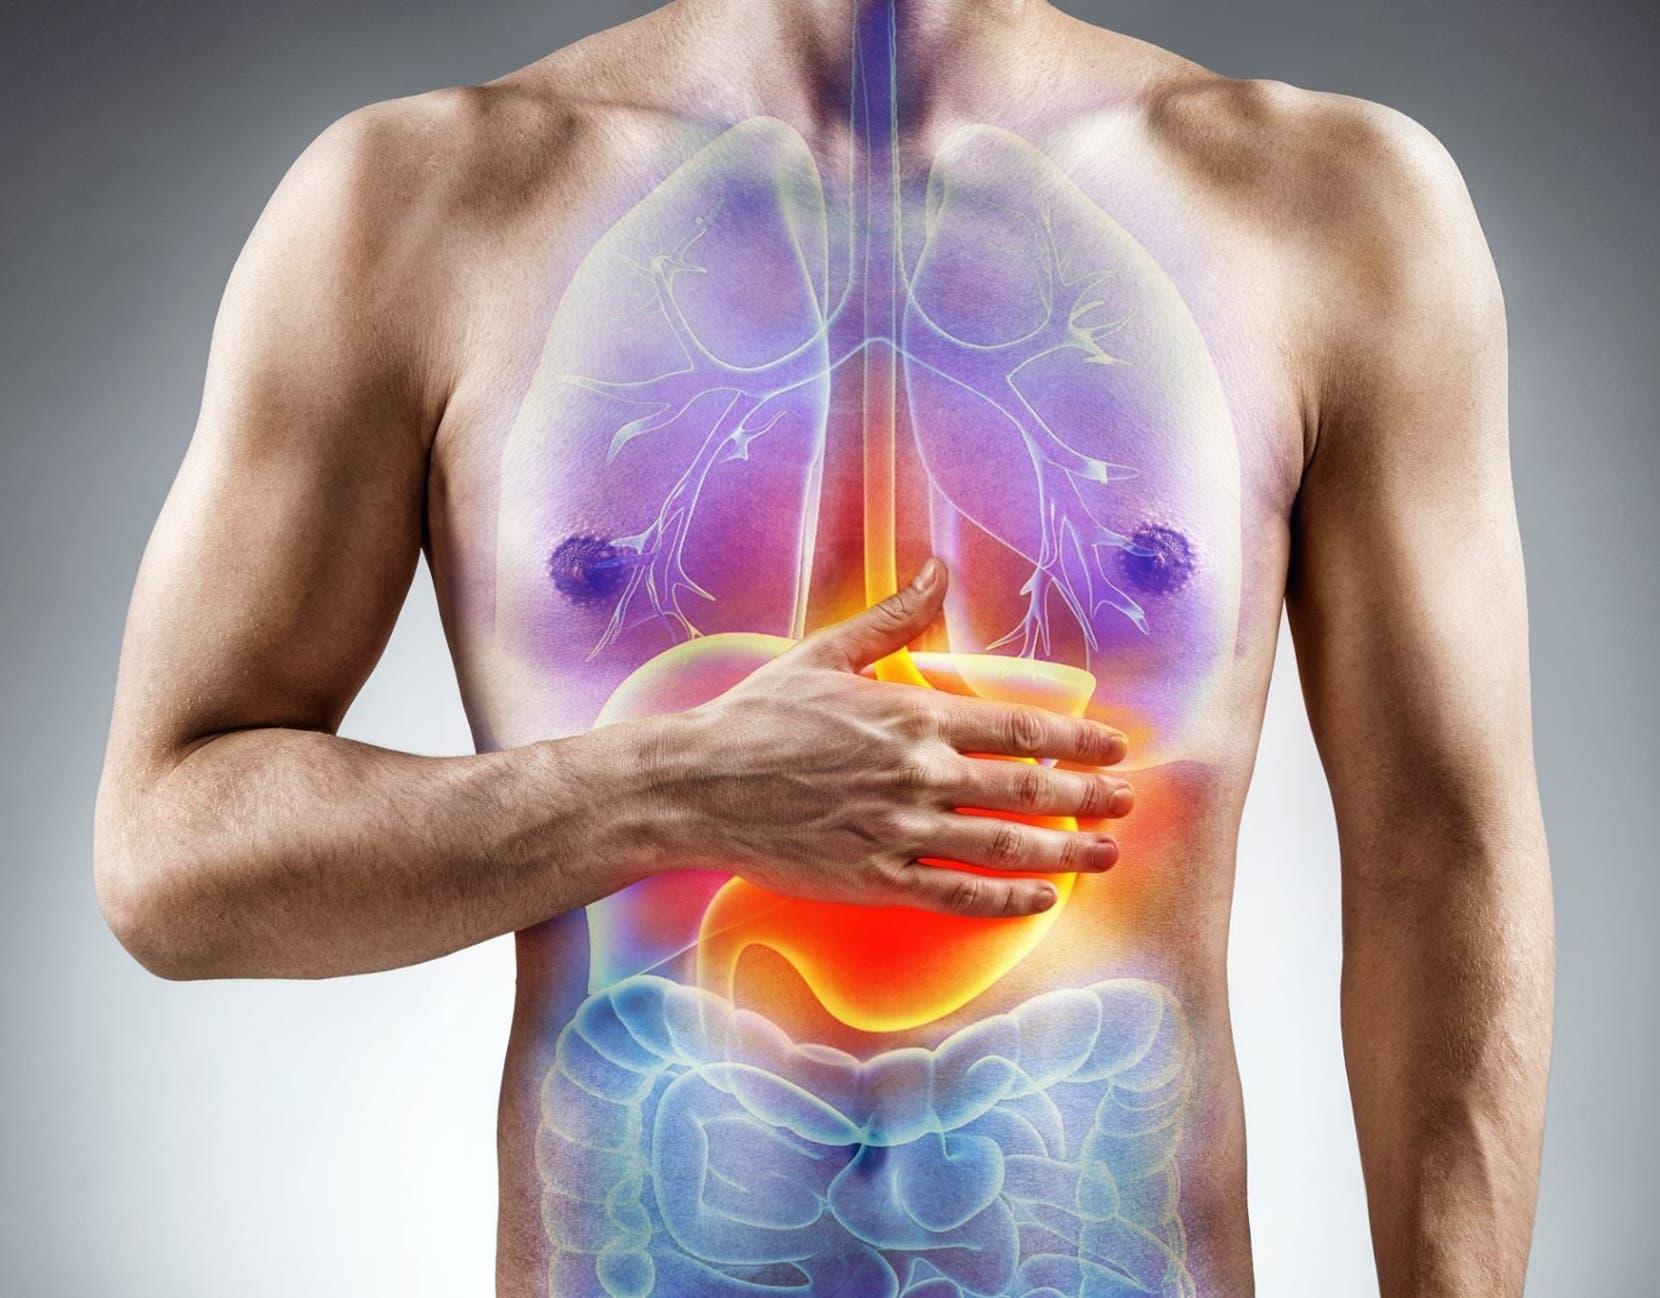 Reflujo gastroesofágico afecta más a hombres